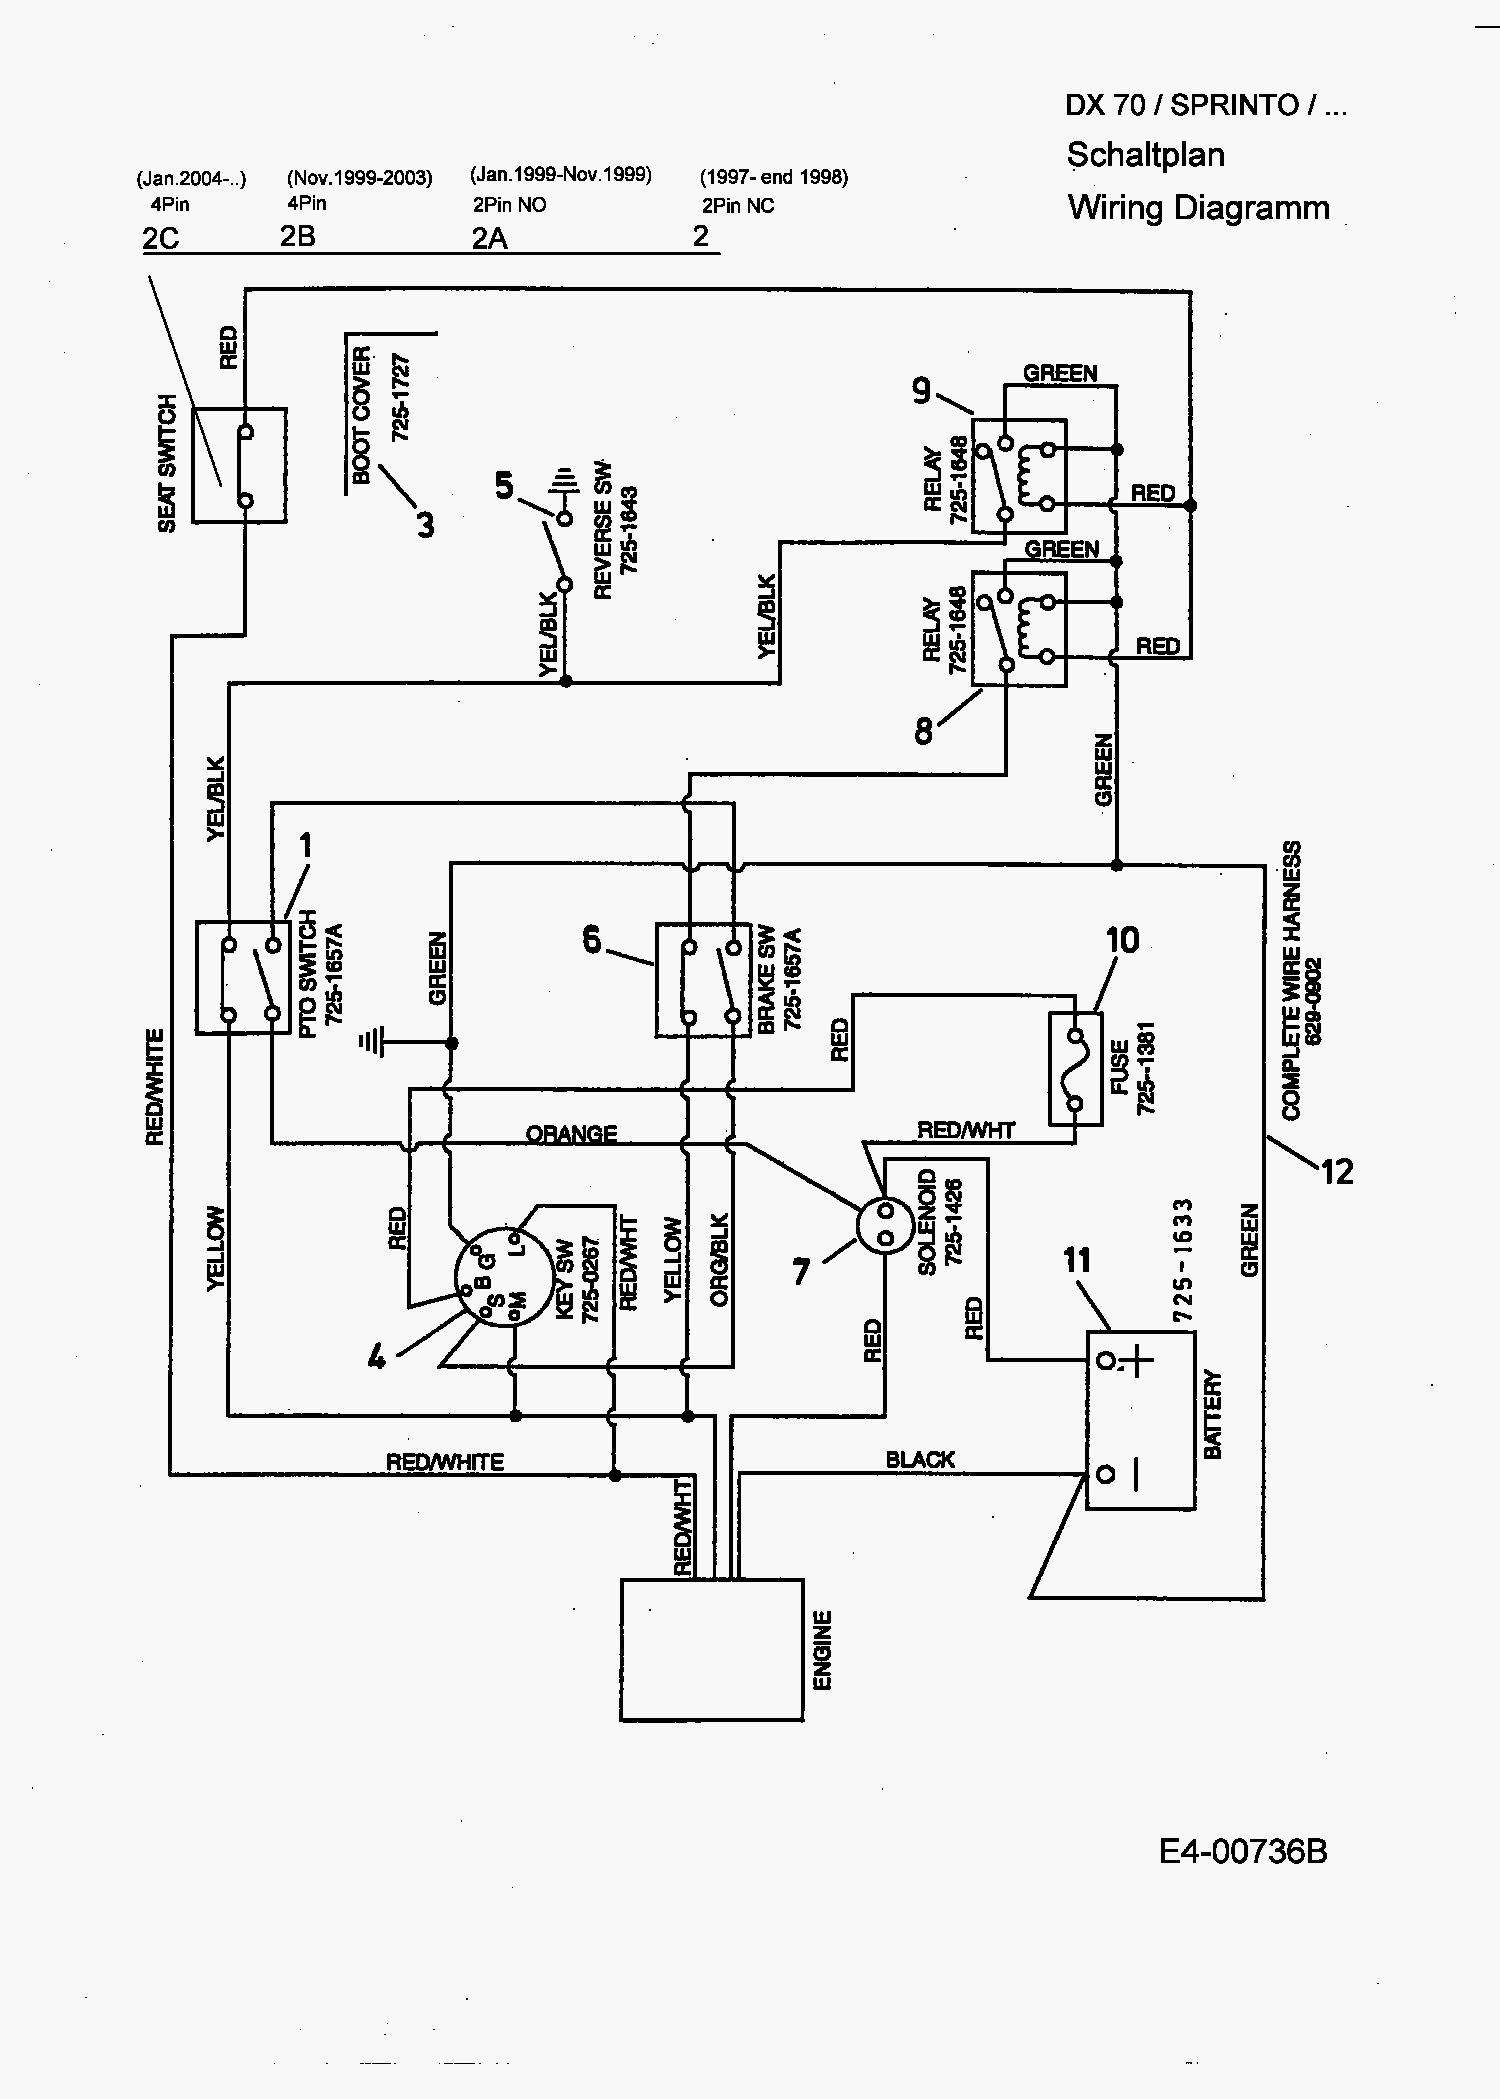 scotts lawn mower wiring diagram scotts wiring diagram pro wiring diagram  scotts wiring diagram pro wiring diagram